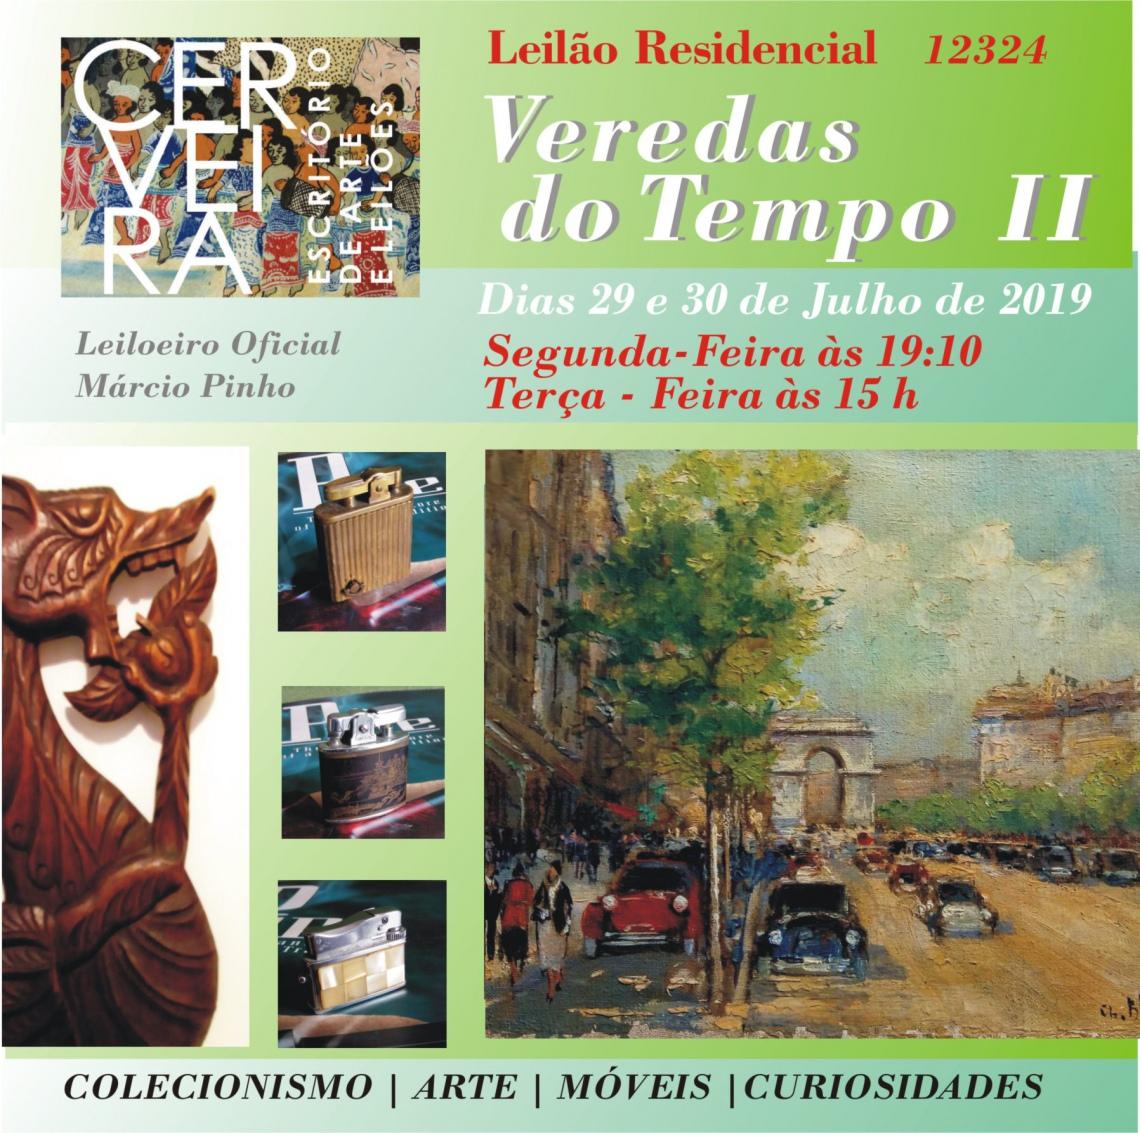 LEILÃO RESIDENCIAL VEREDAS DO TEMPO II - COLECIONISMO | ARTE | MÓVEIS | DECORAÇÃO E CURIOSIDADES